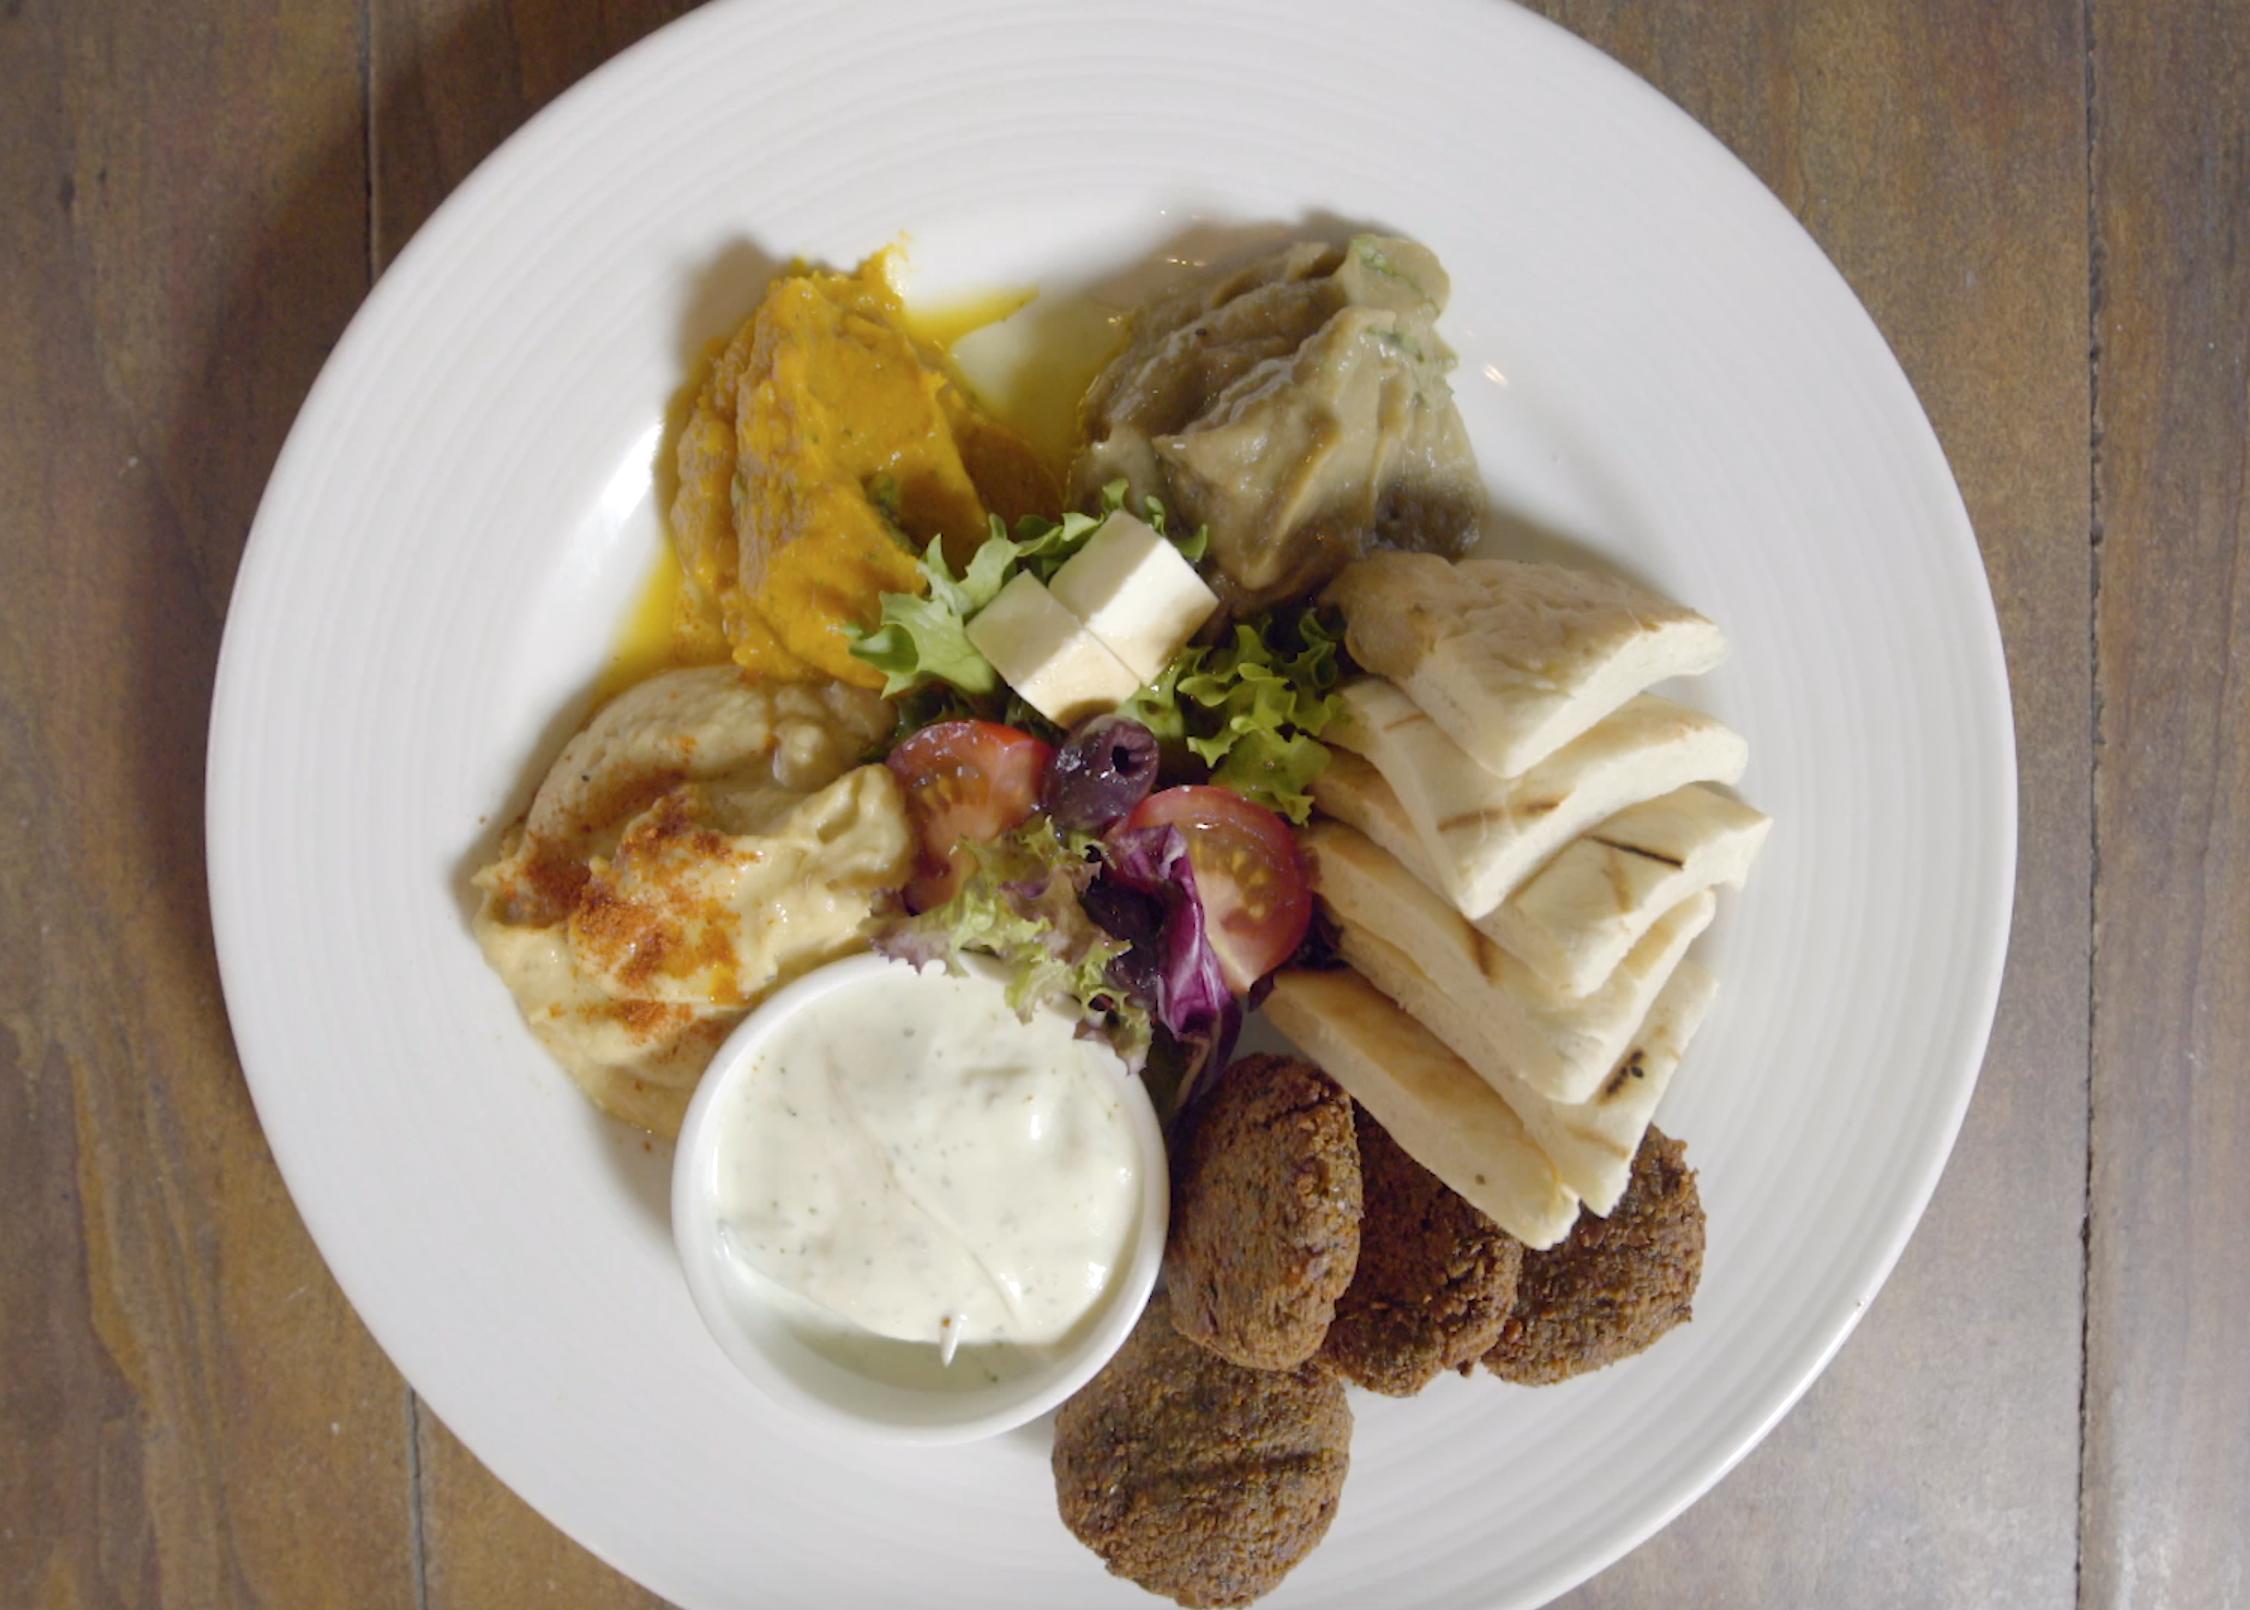 Mediterranean-Cuisine-Origin-Sin-venuerific-blog-restaurant-mezze-platter